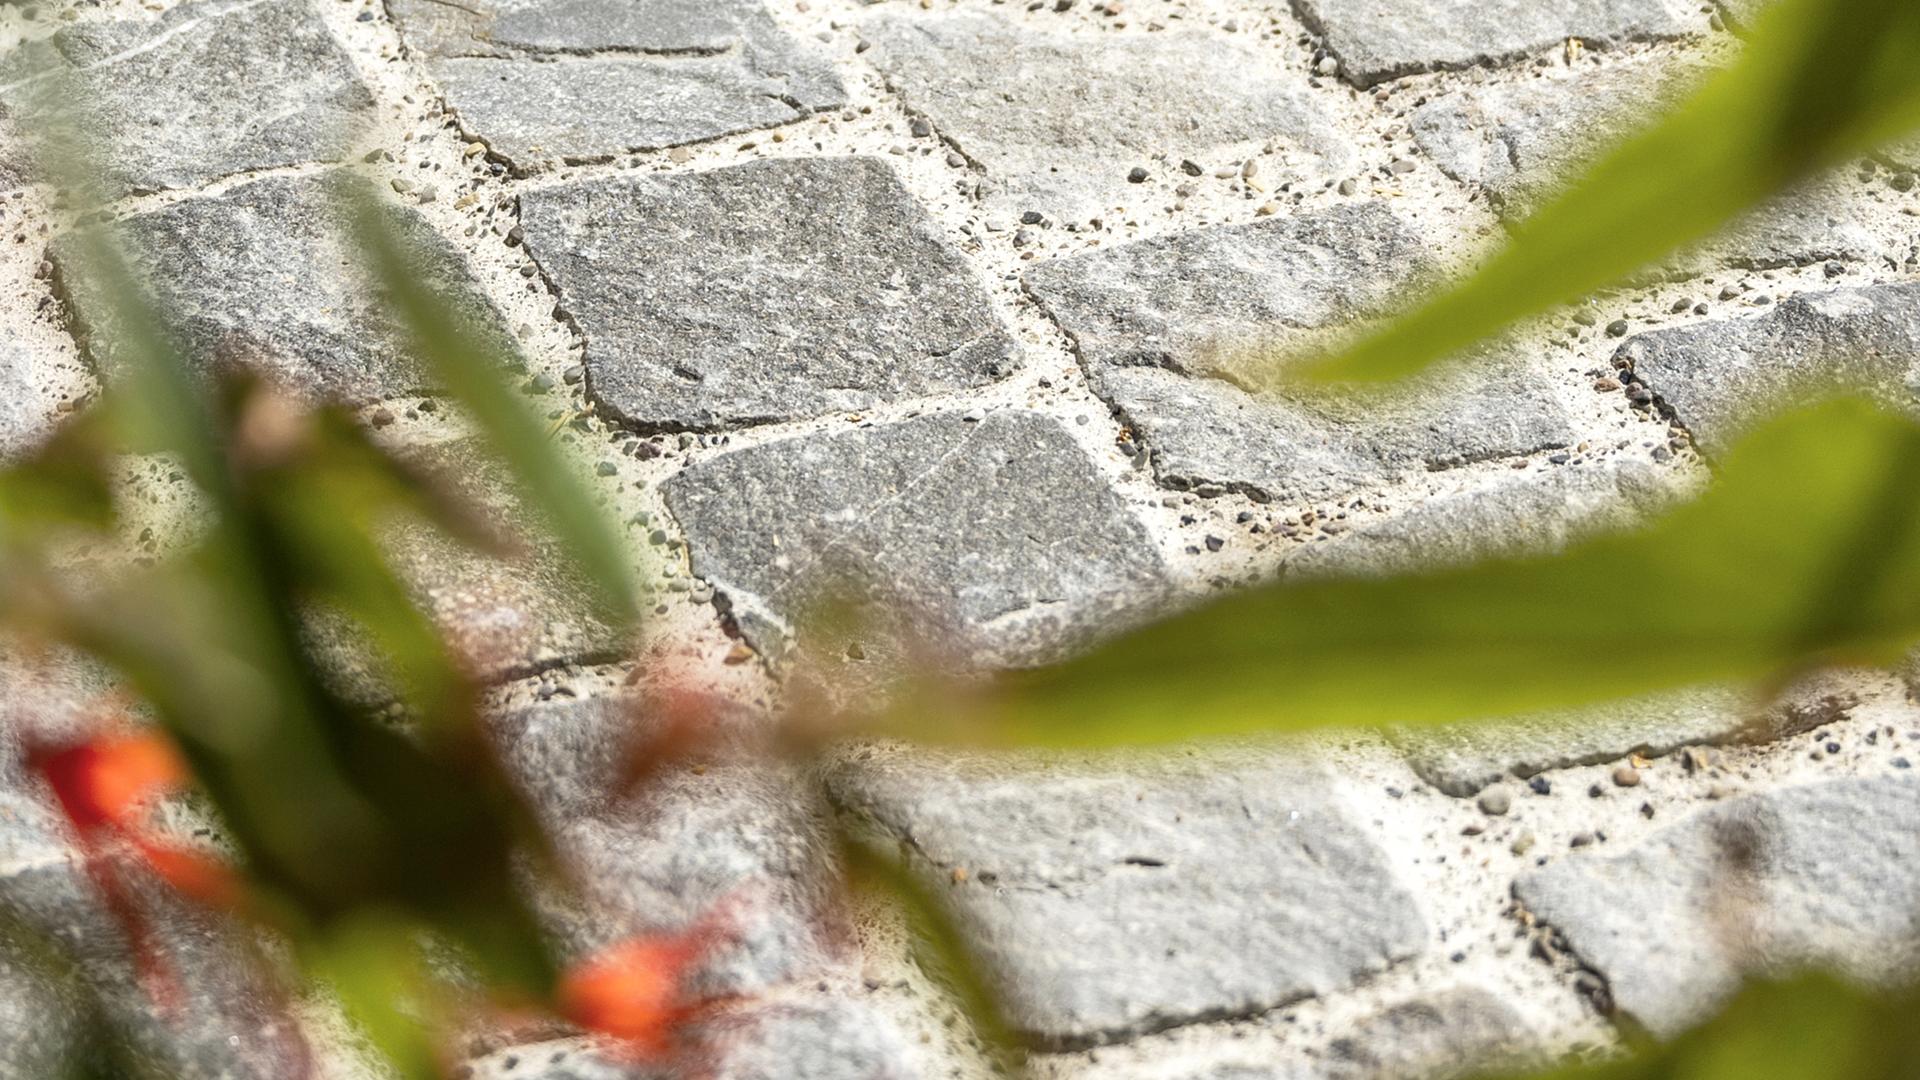 Gartenausstellung Nänikon - Feinsteinzeug, Steinkörbe, Verbund- und Pflastersteine